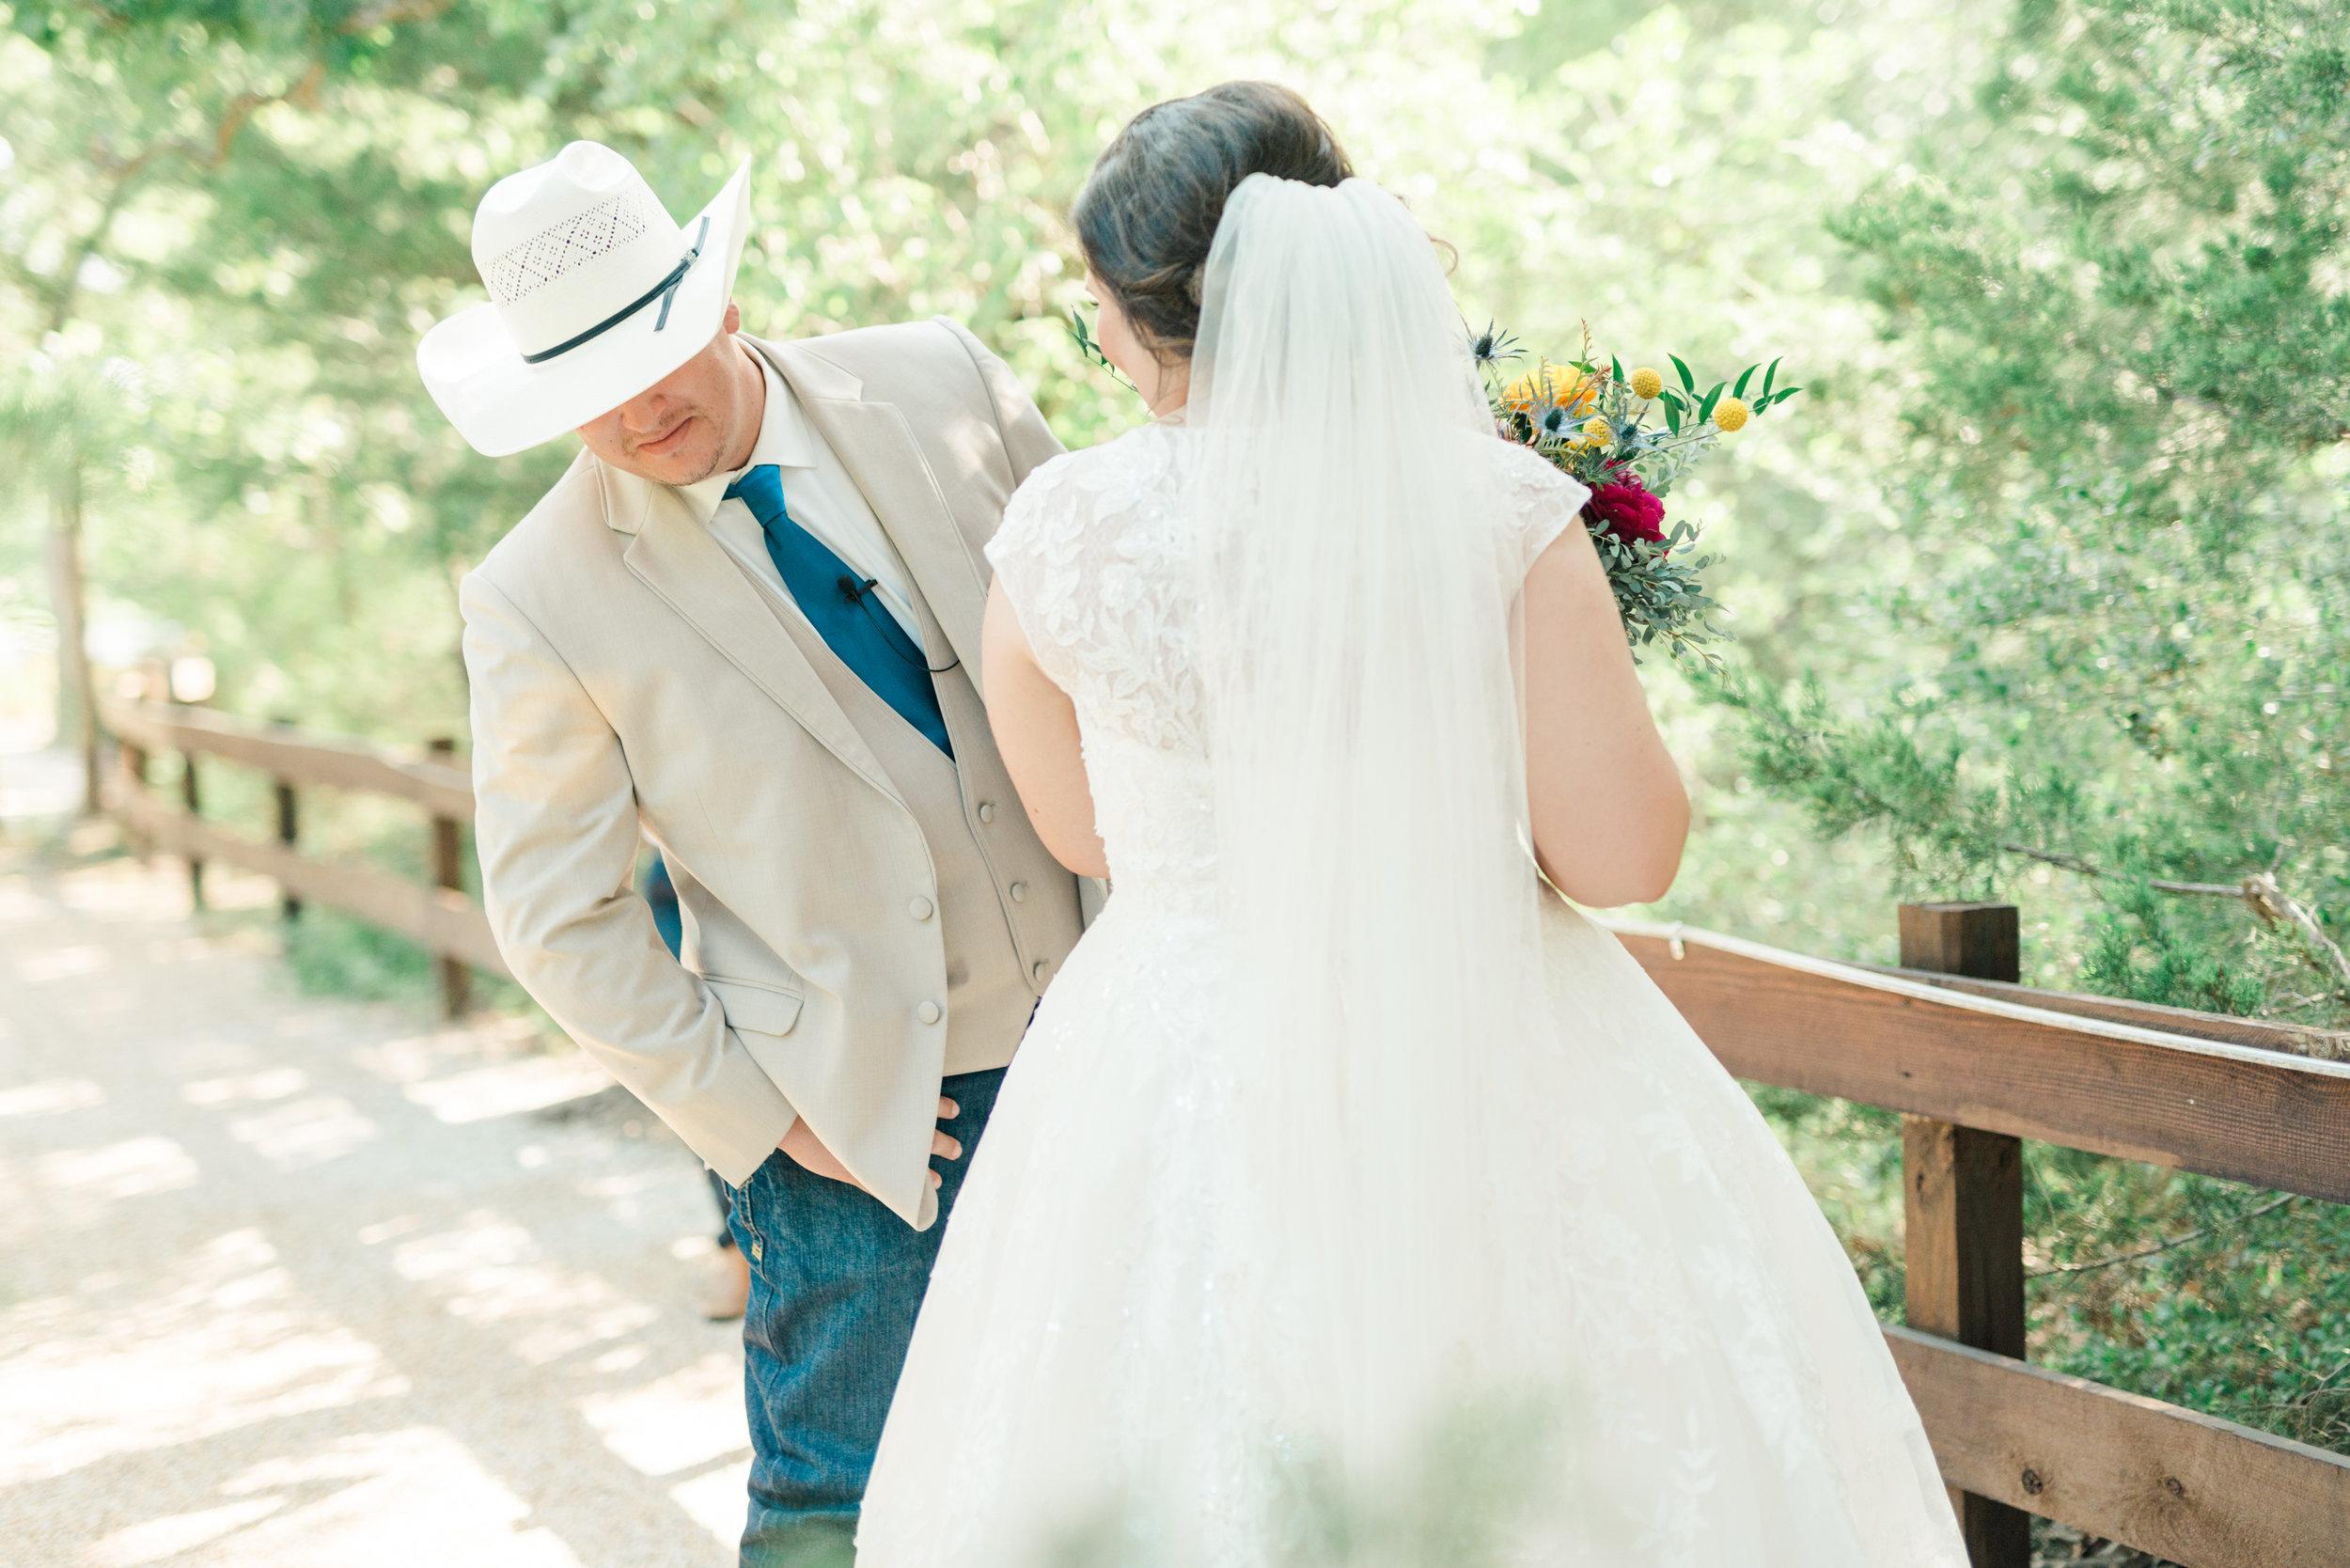 Wesley-Wedding-Ten23-Photography-324.jpg